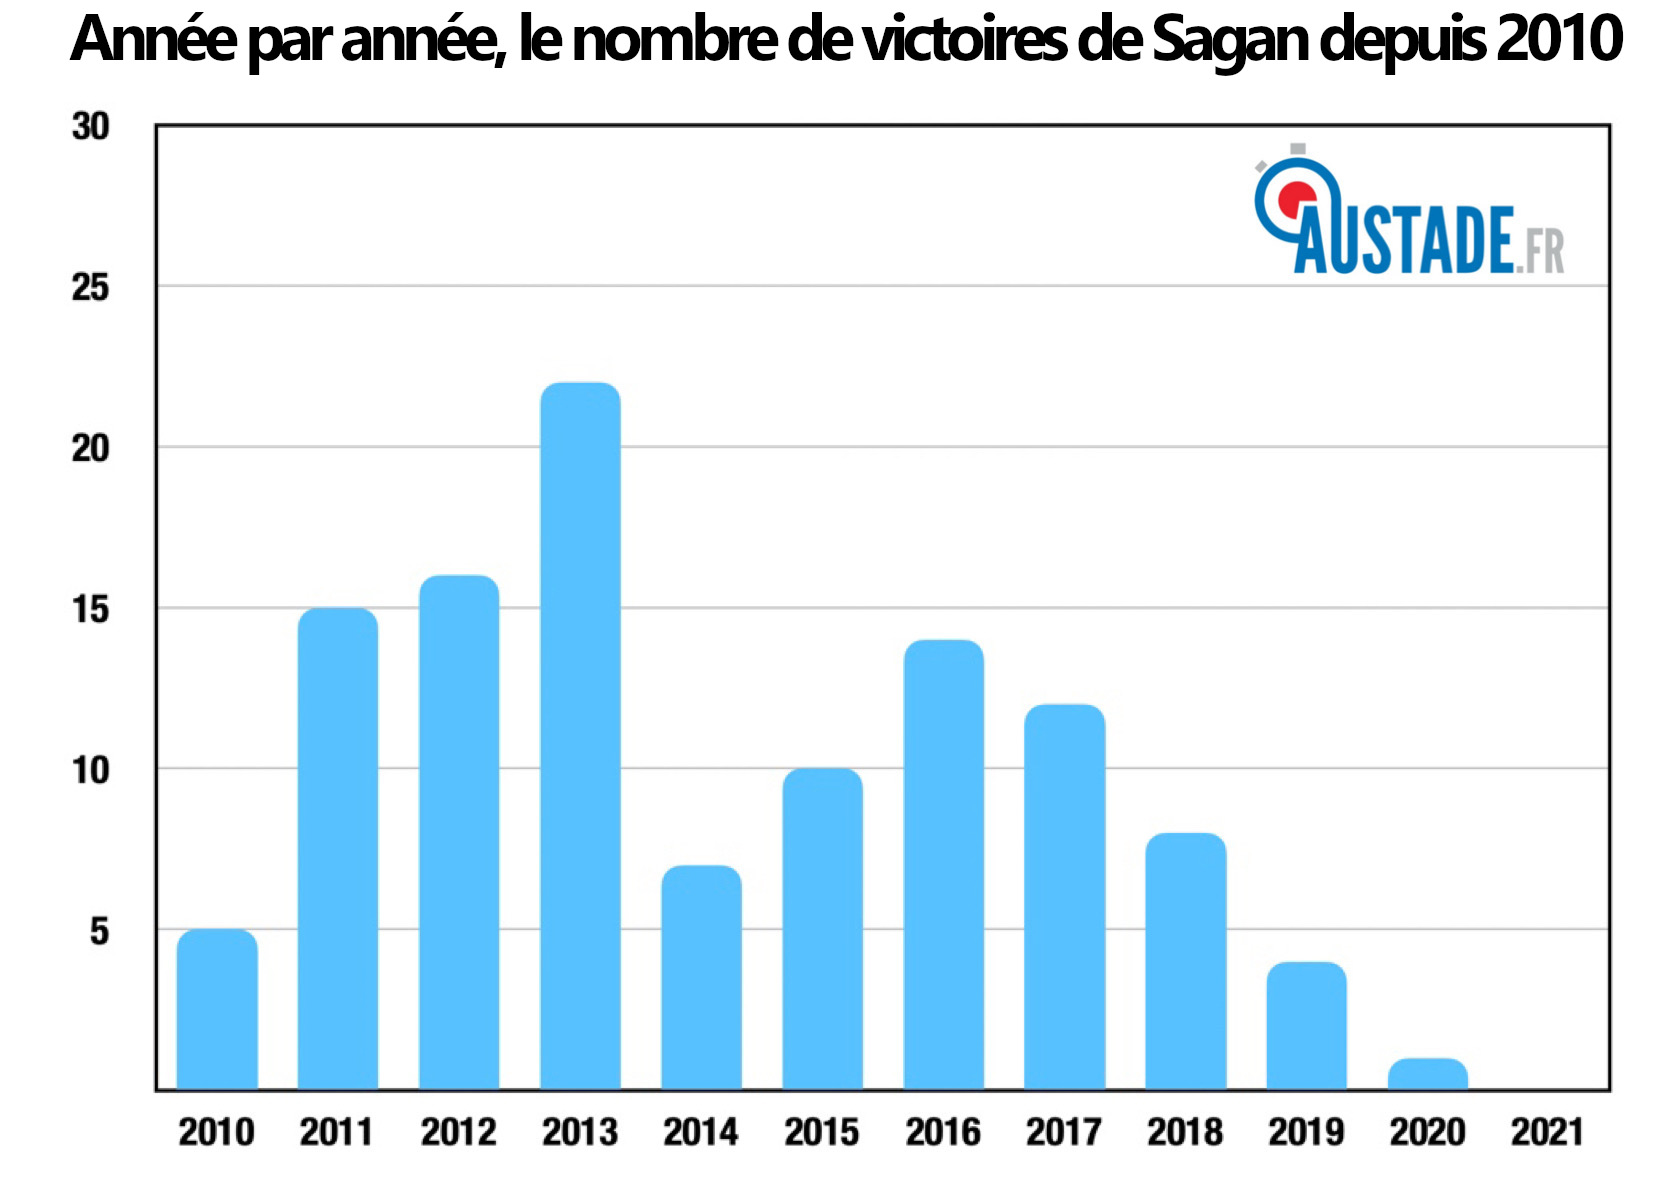 victoires peter sagan depuis 2010